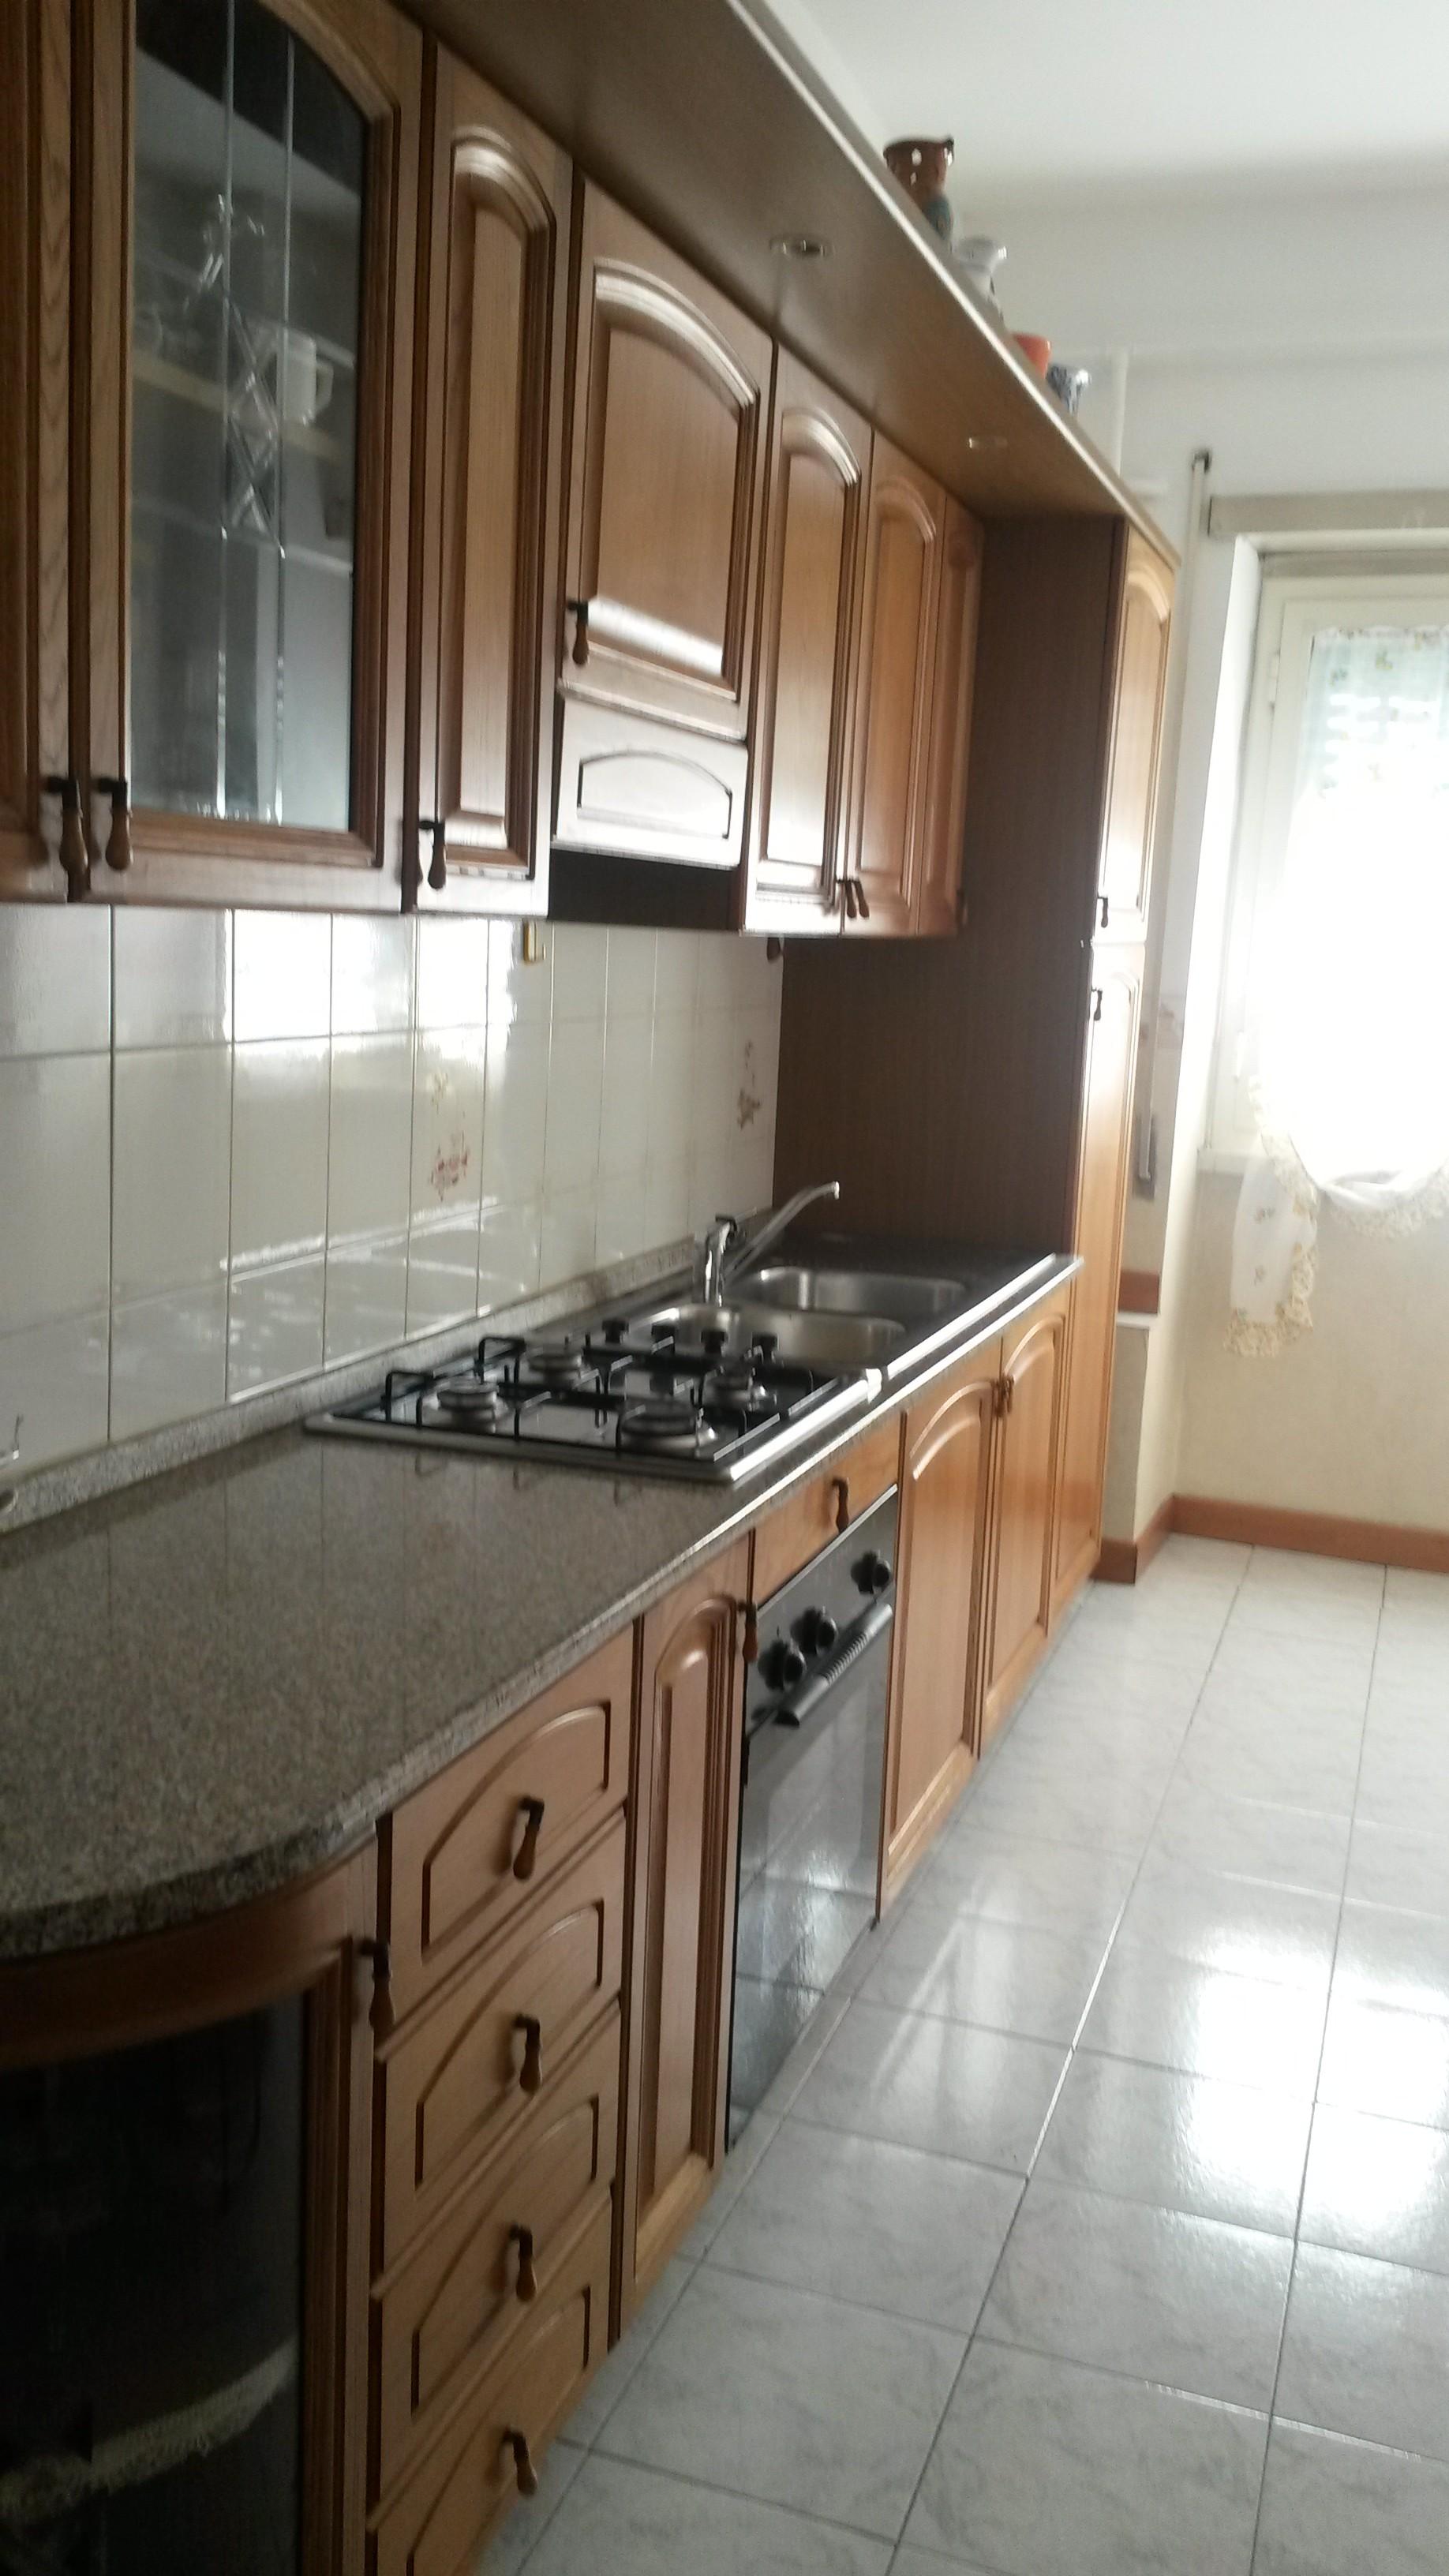 Camera in appartamento con tre stanze close to universit for Stanze ufficio in affitto roma